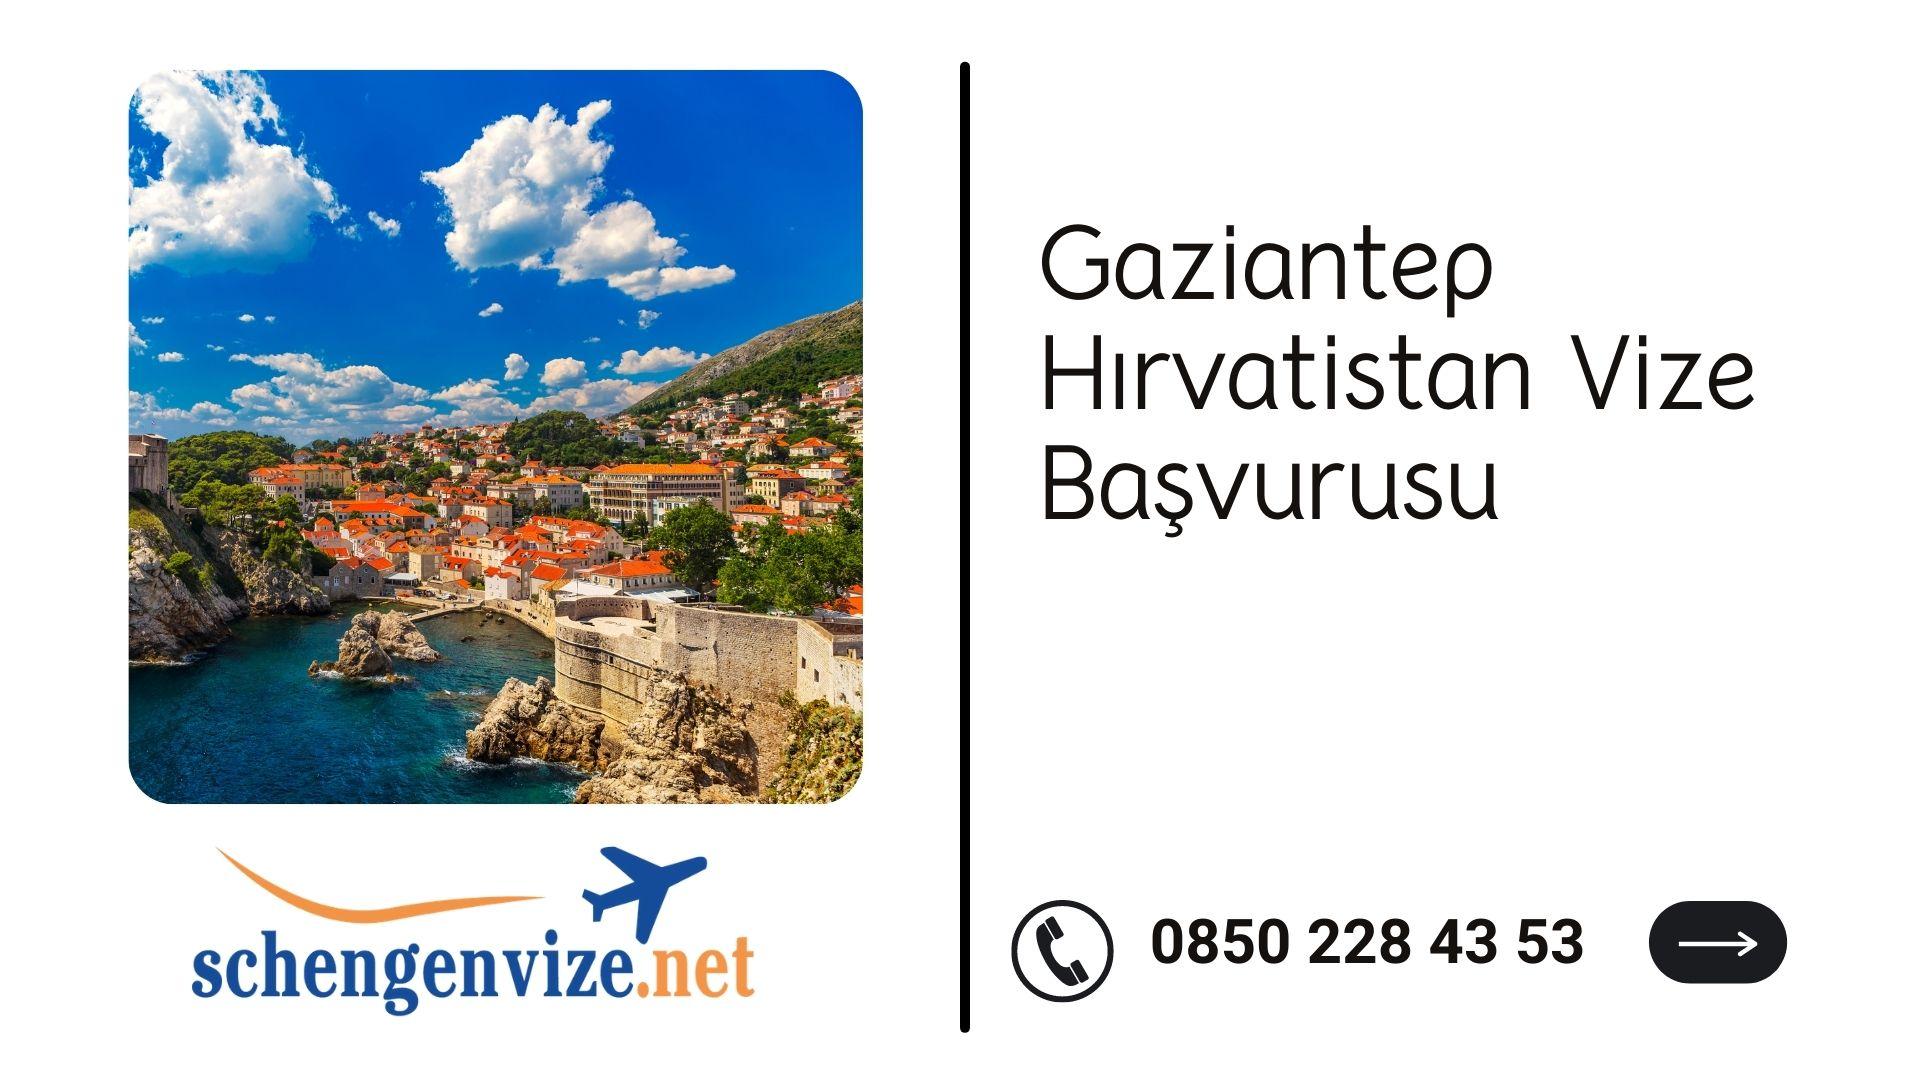 Gaziantep Hırvatistan Vize Başvurusu